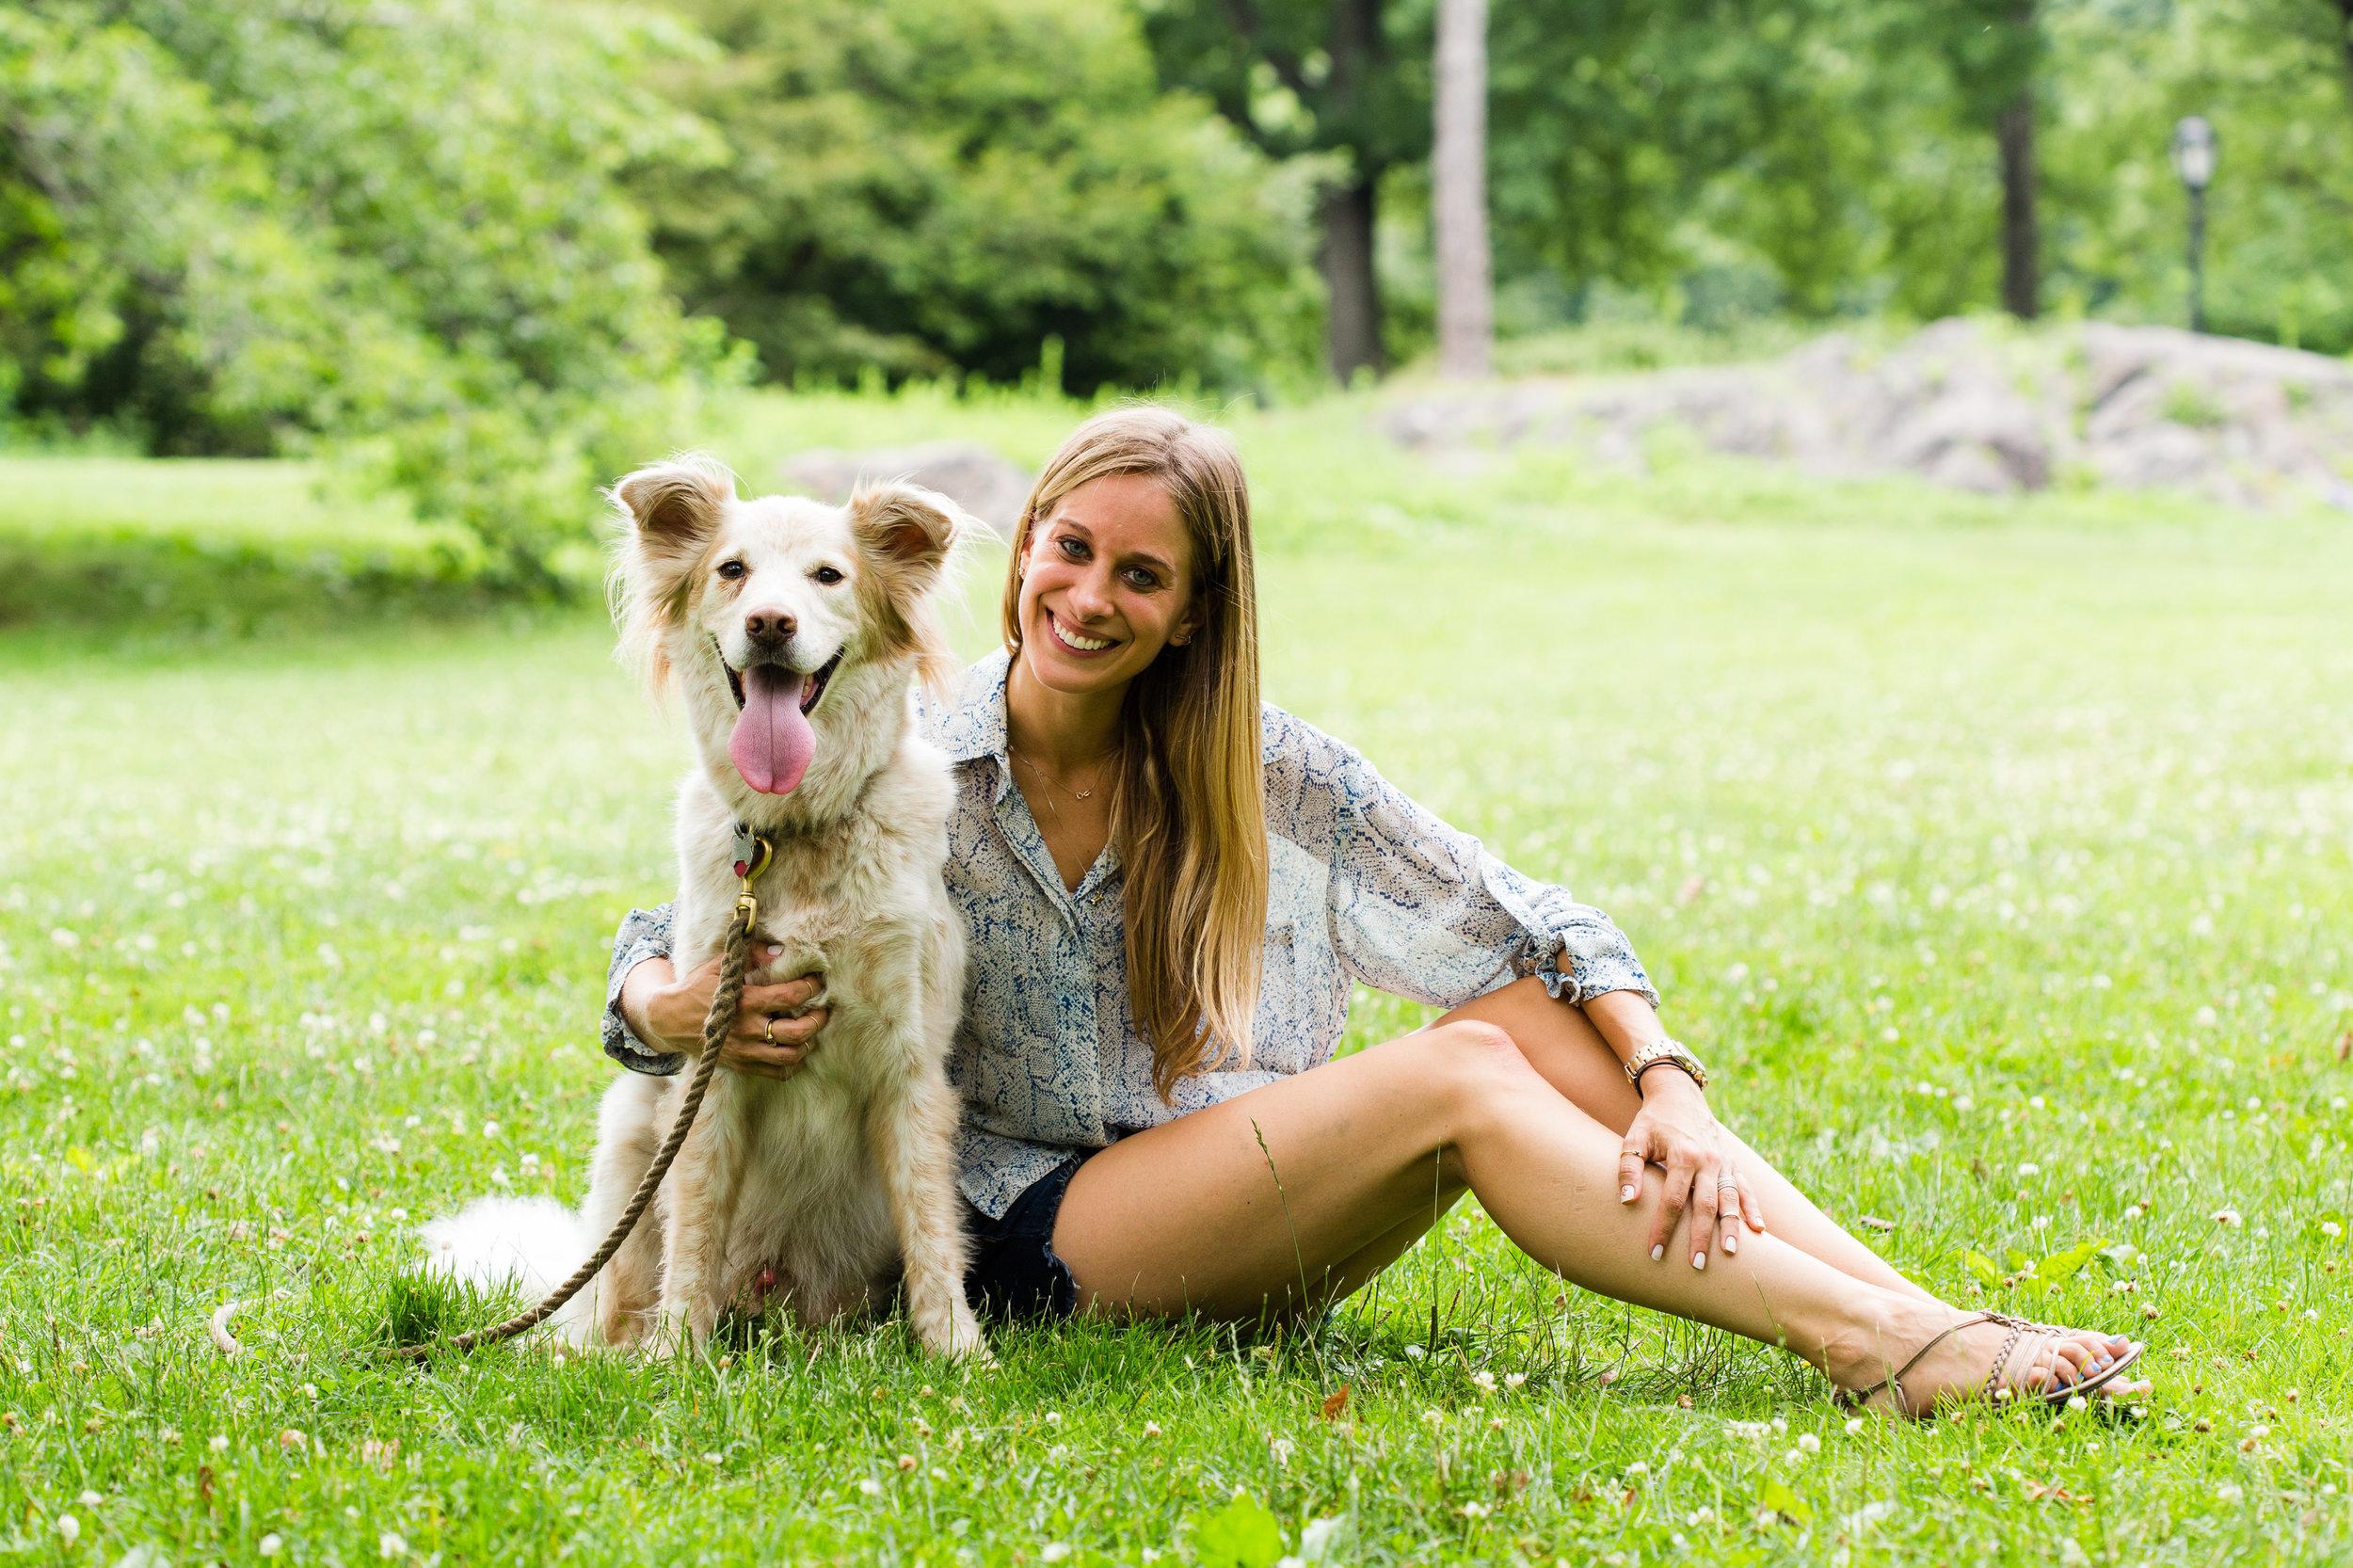 Shelby Semel New York City Dog Training :: Shelby Semel, Senior Dog Trainer & Founder